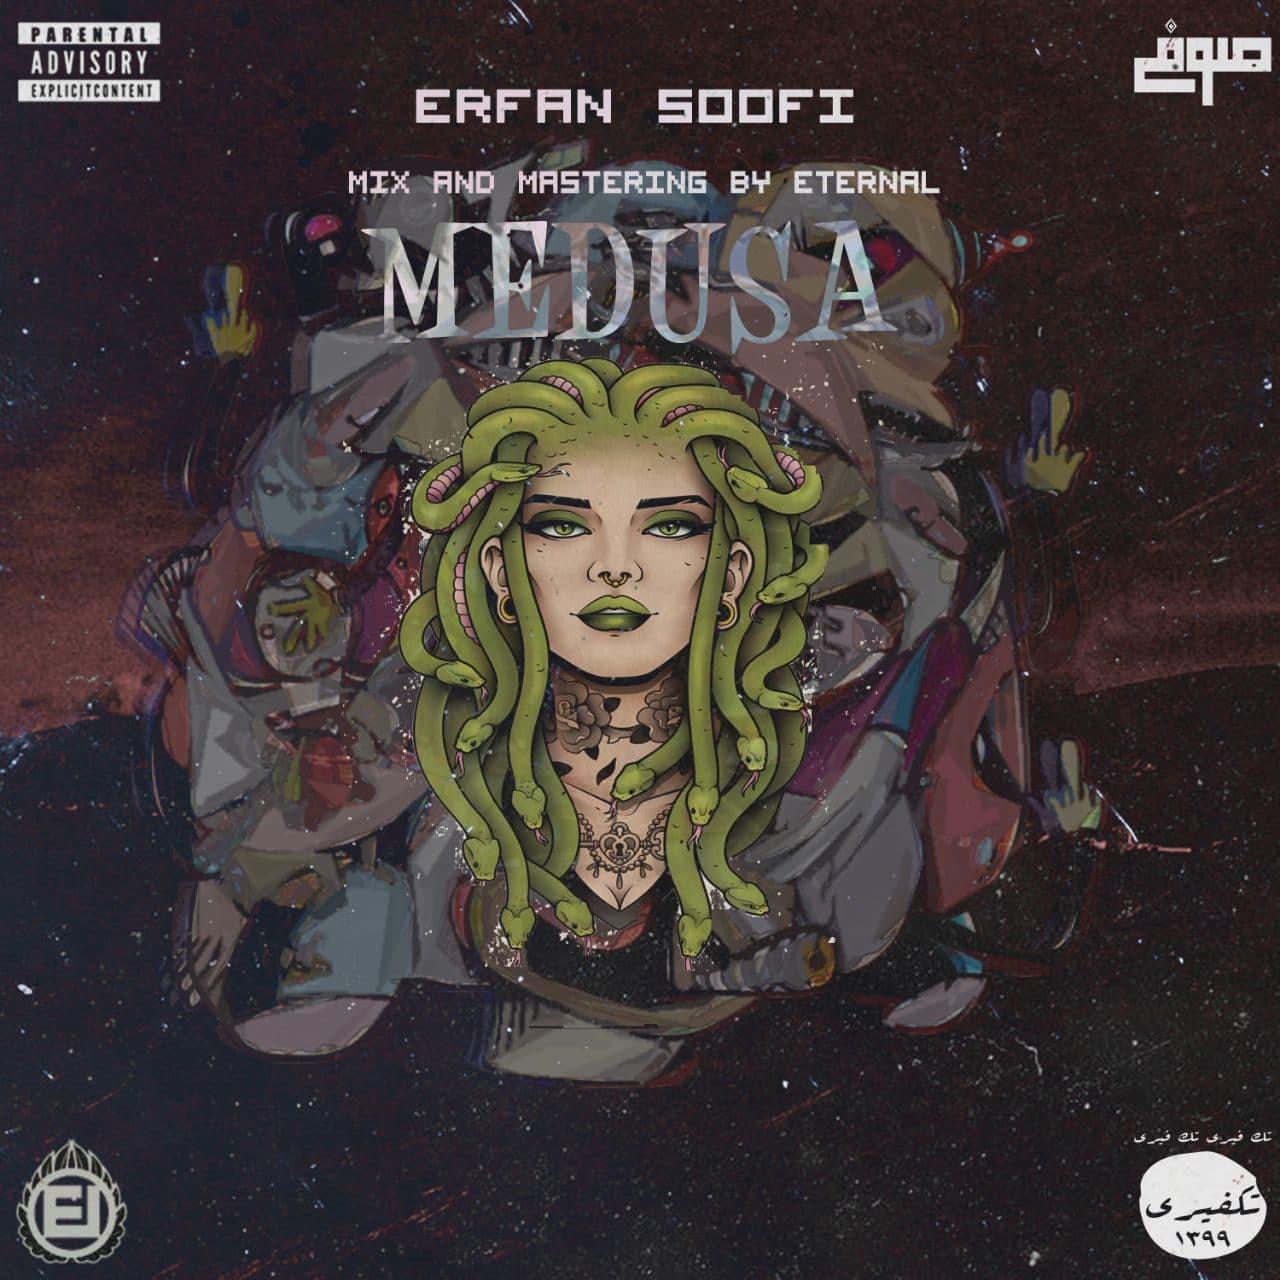 Erfan Soofi - Medusa